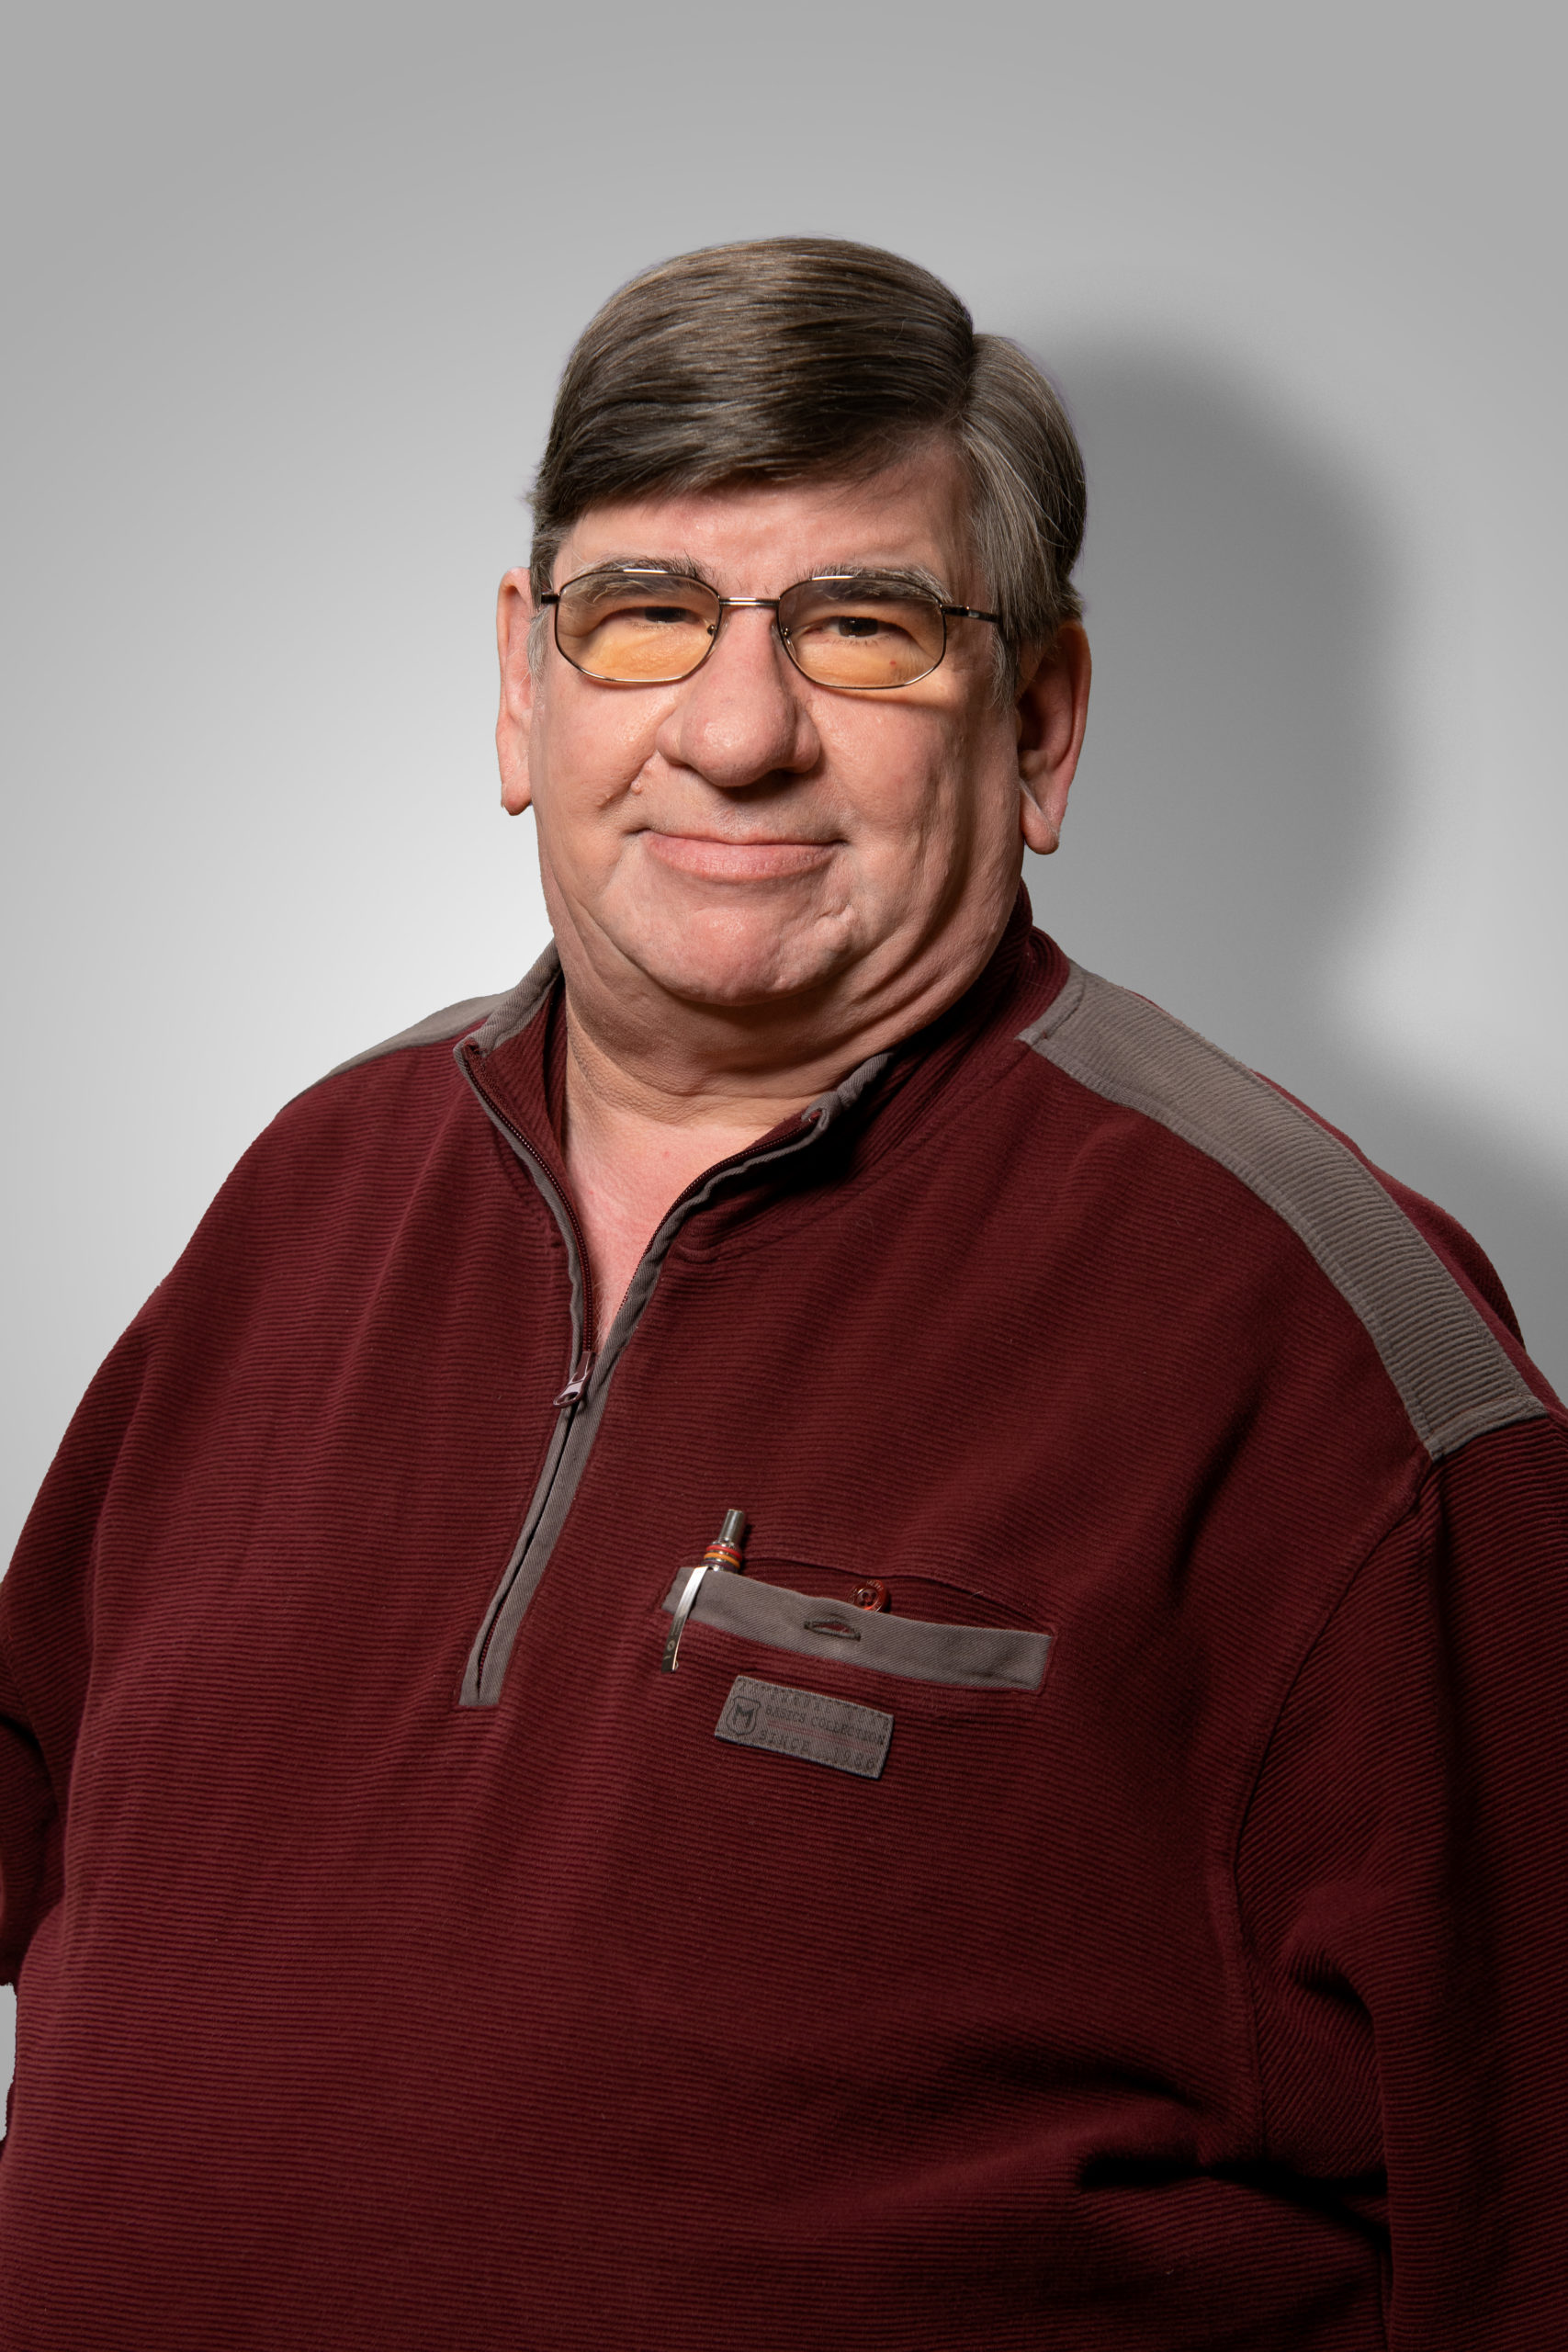 Dieter Ratzka